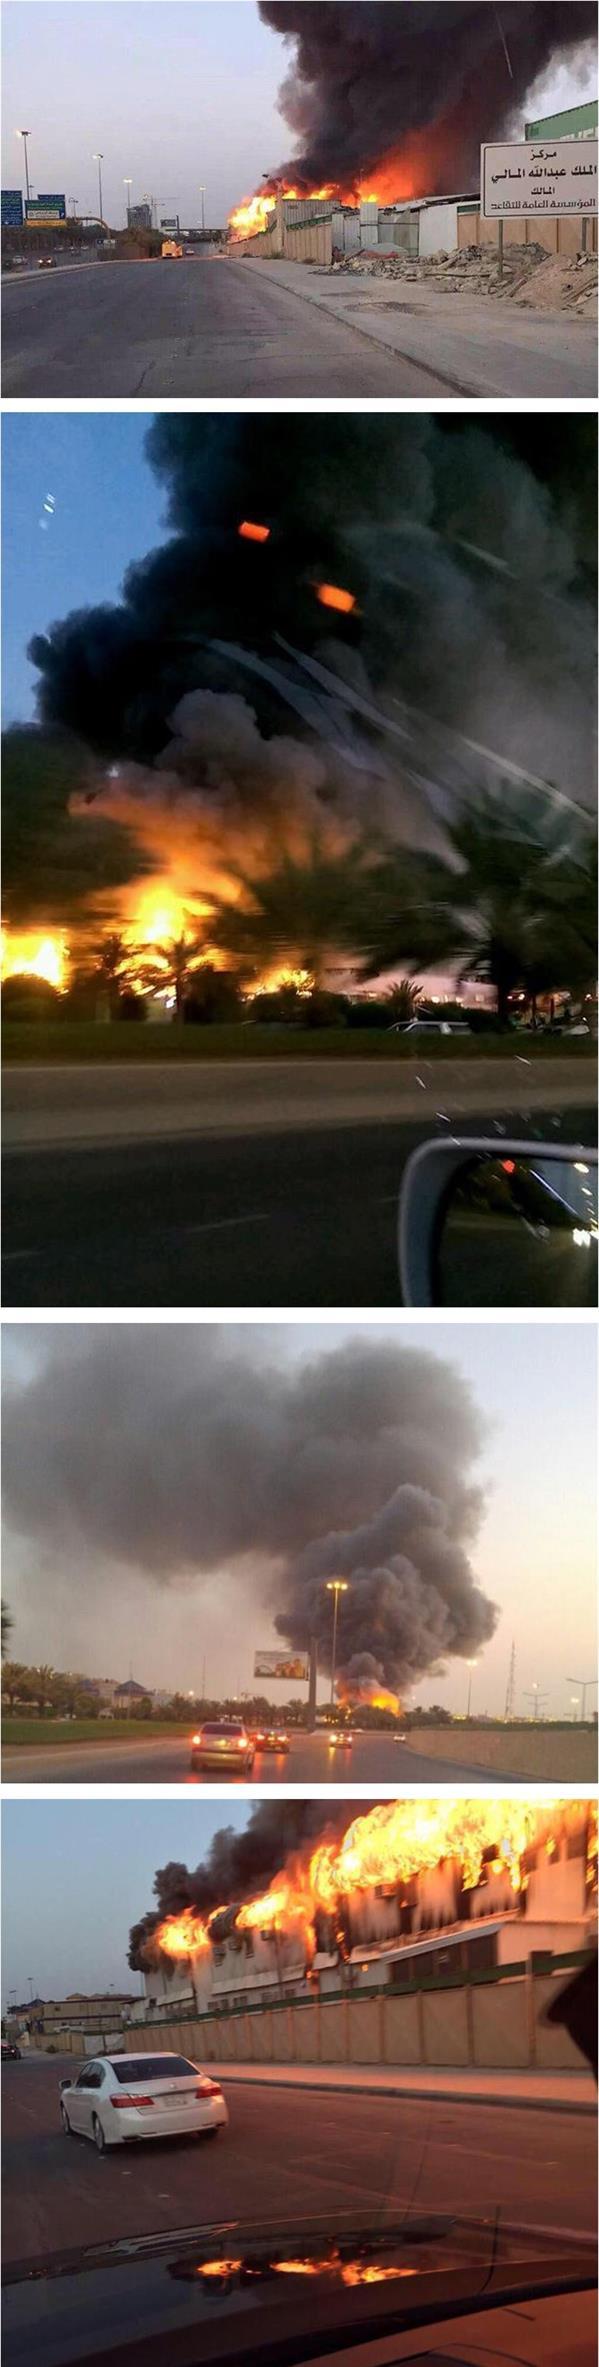 حريق في أحد المواقع التابعة لمشروع مركز الملك عبدالله المالي